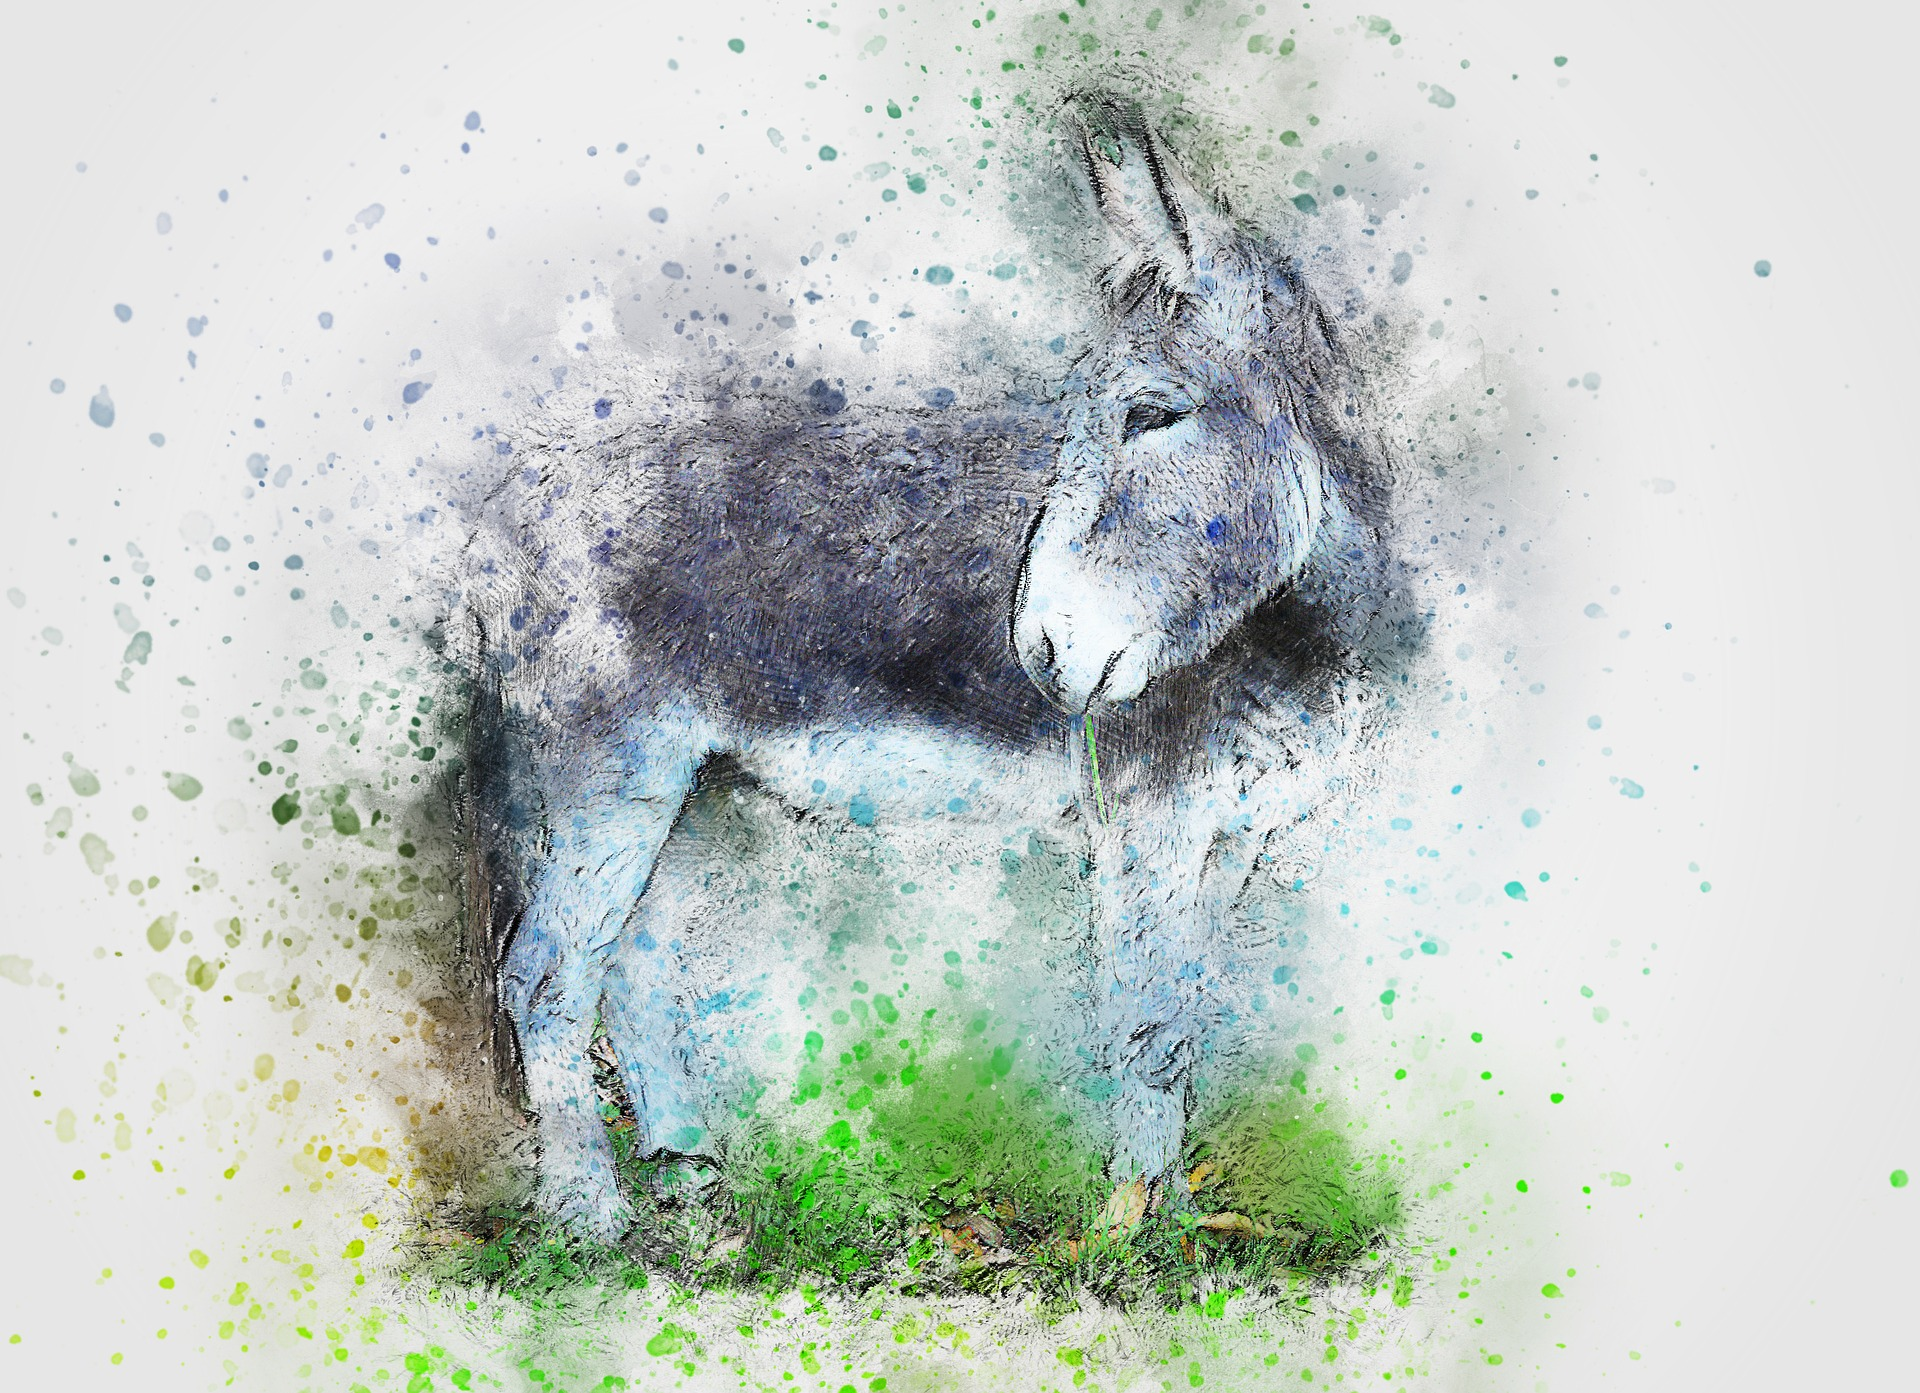 donkey-2737253_1920.jpg